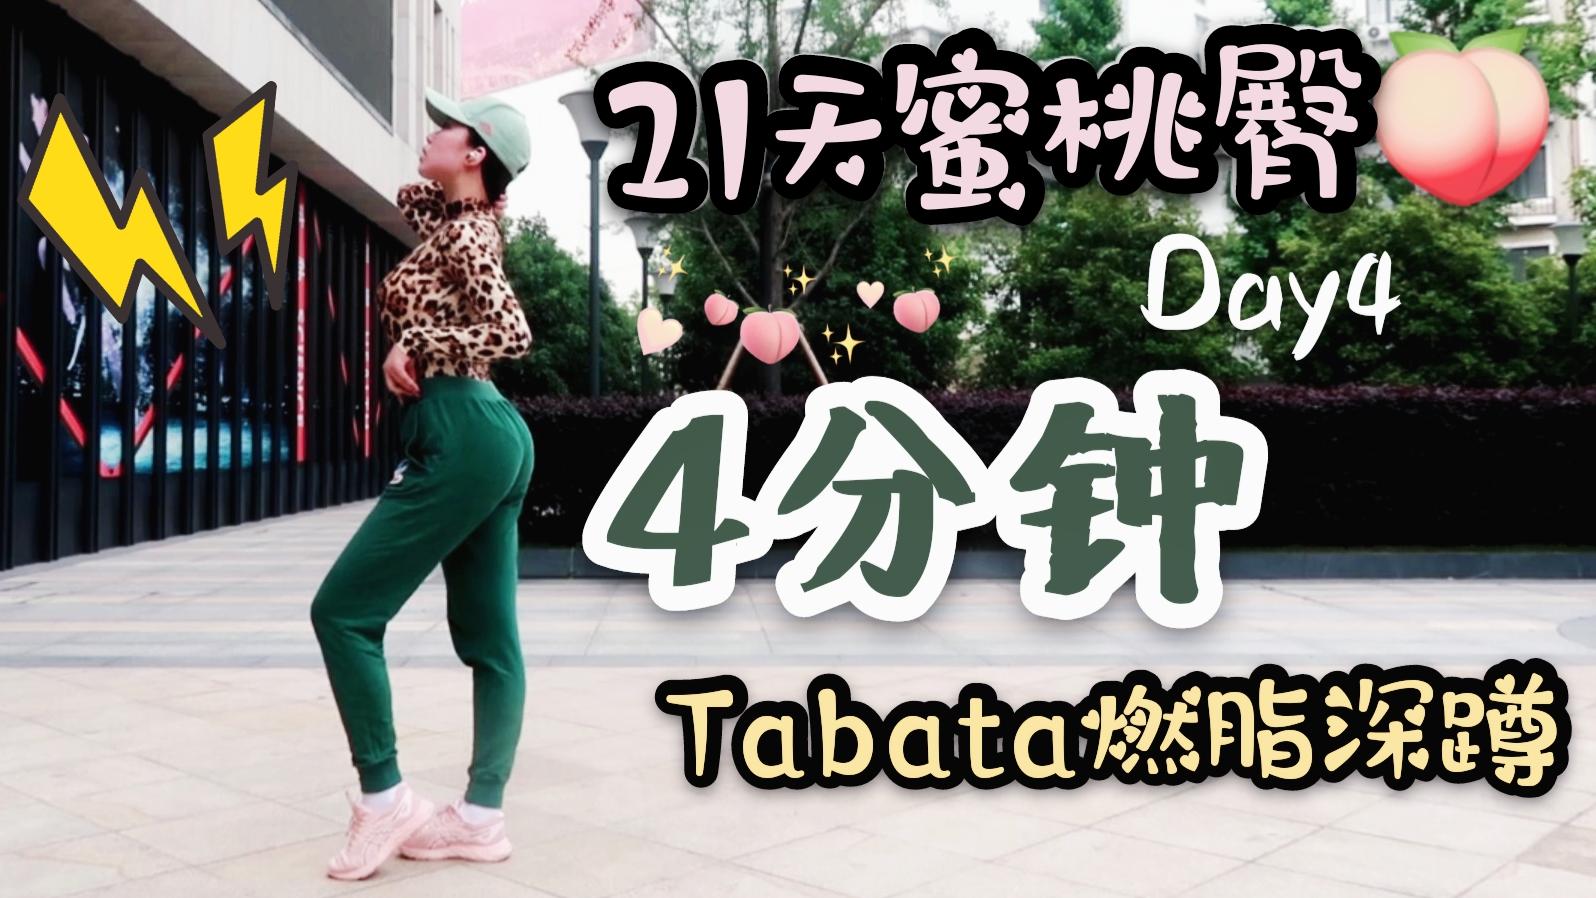 【初夏健身打卡】21天蜜桃臀计划·04 4分钟Tabata燃脂深蹲「跟练版」